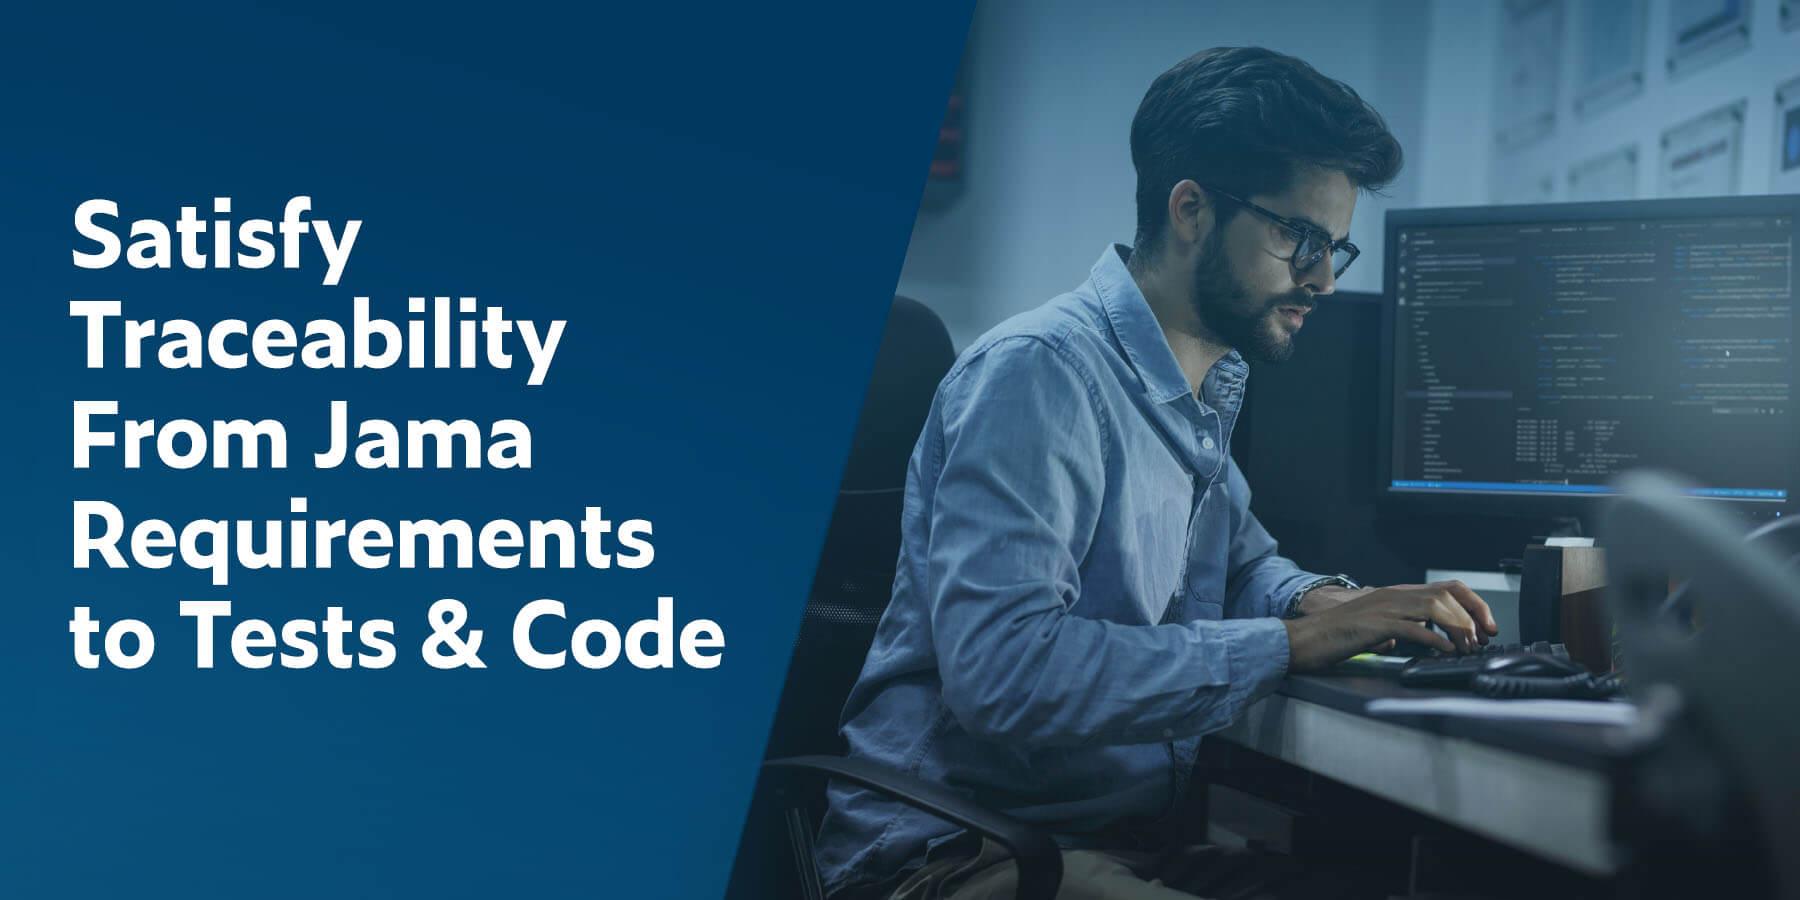 Satisfacer la trazabilidad desde los requisitos de Jama hasta las pruebas y el código